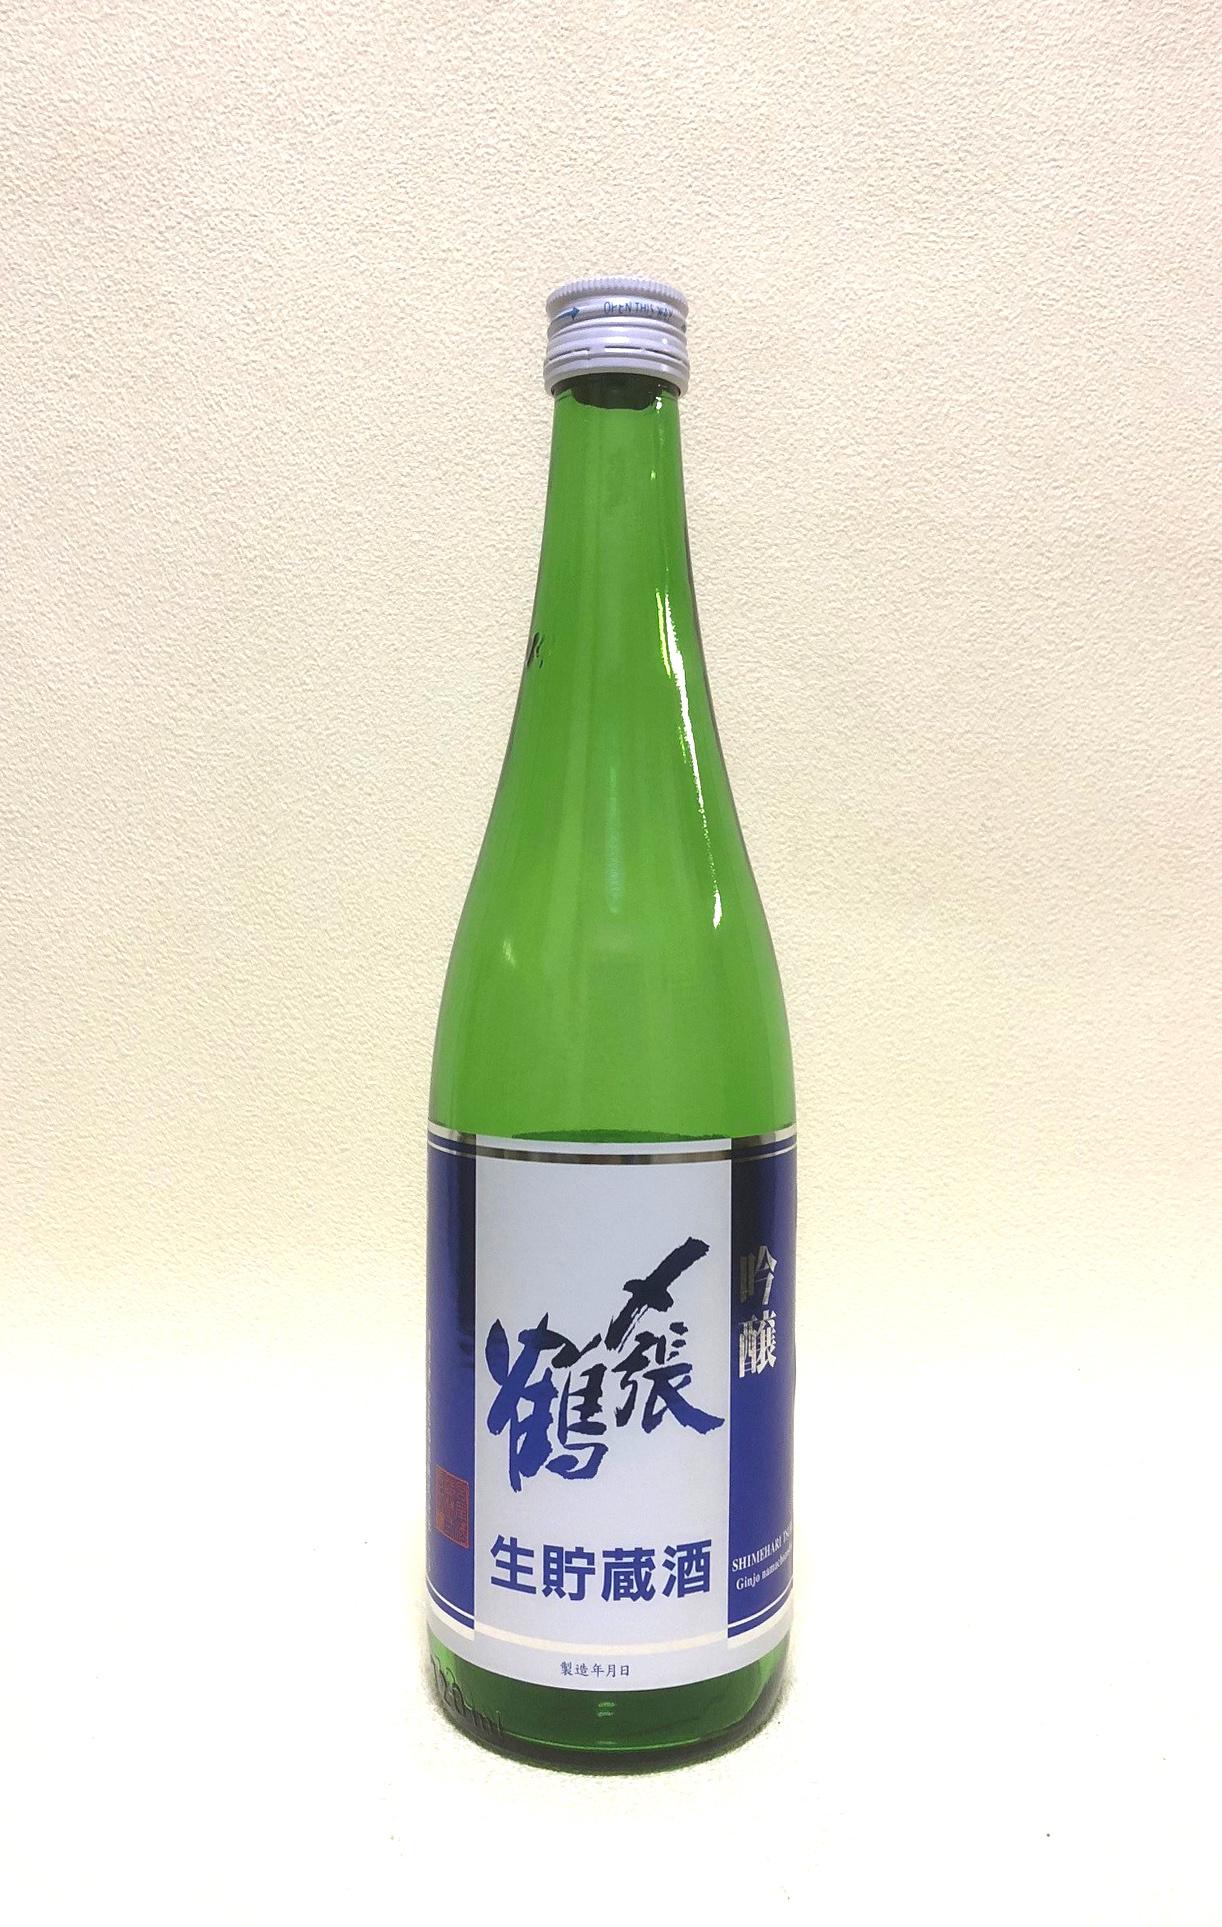 〆張鶴 生貯蔵酒 720ml (吟醸酒)